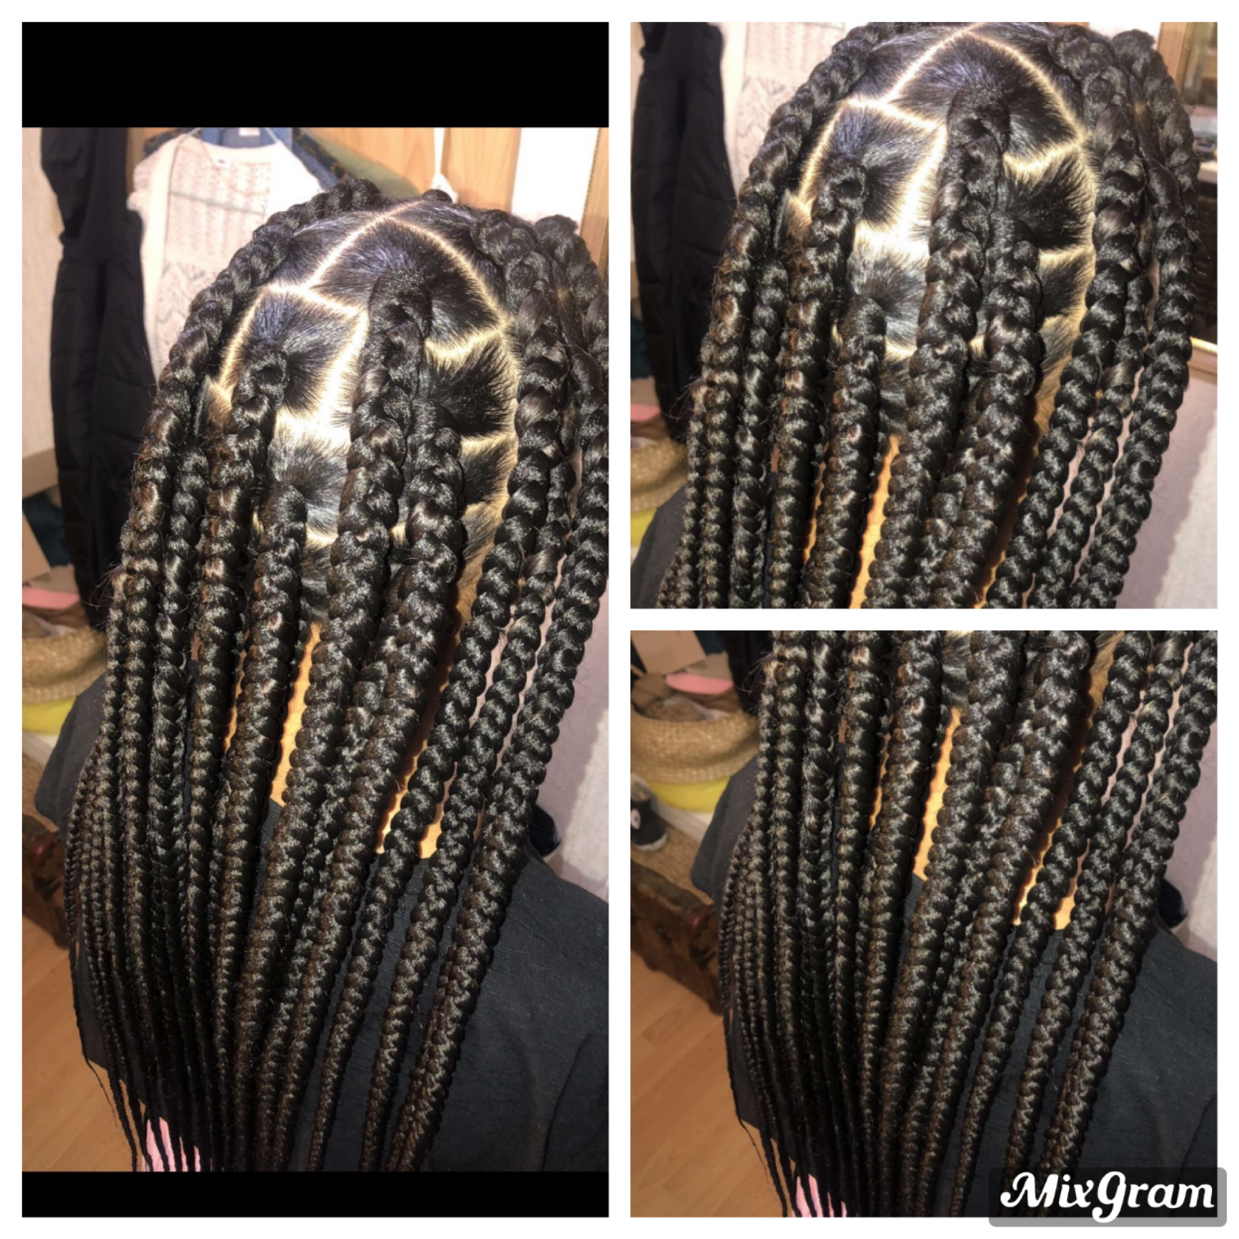 salon de coiffure afro tresse tresses box braids crochet braids vanilles tissages paris 75 77 78 91 92 93 94 95 RCOOXBFX